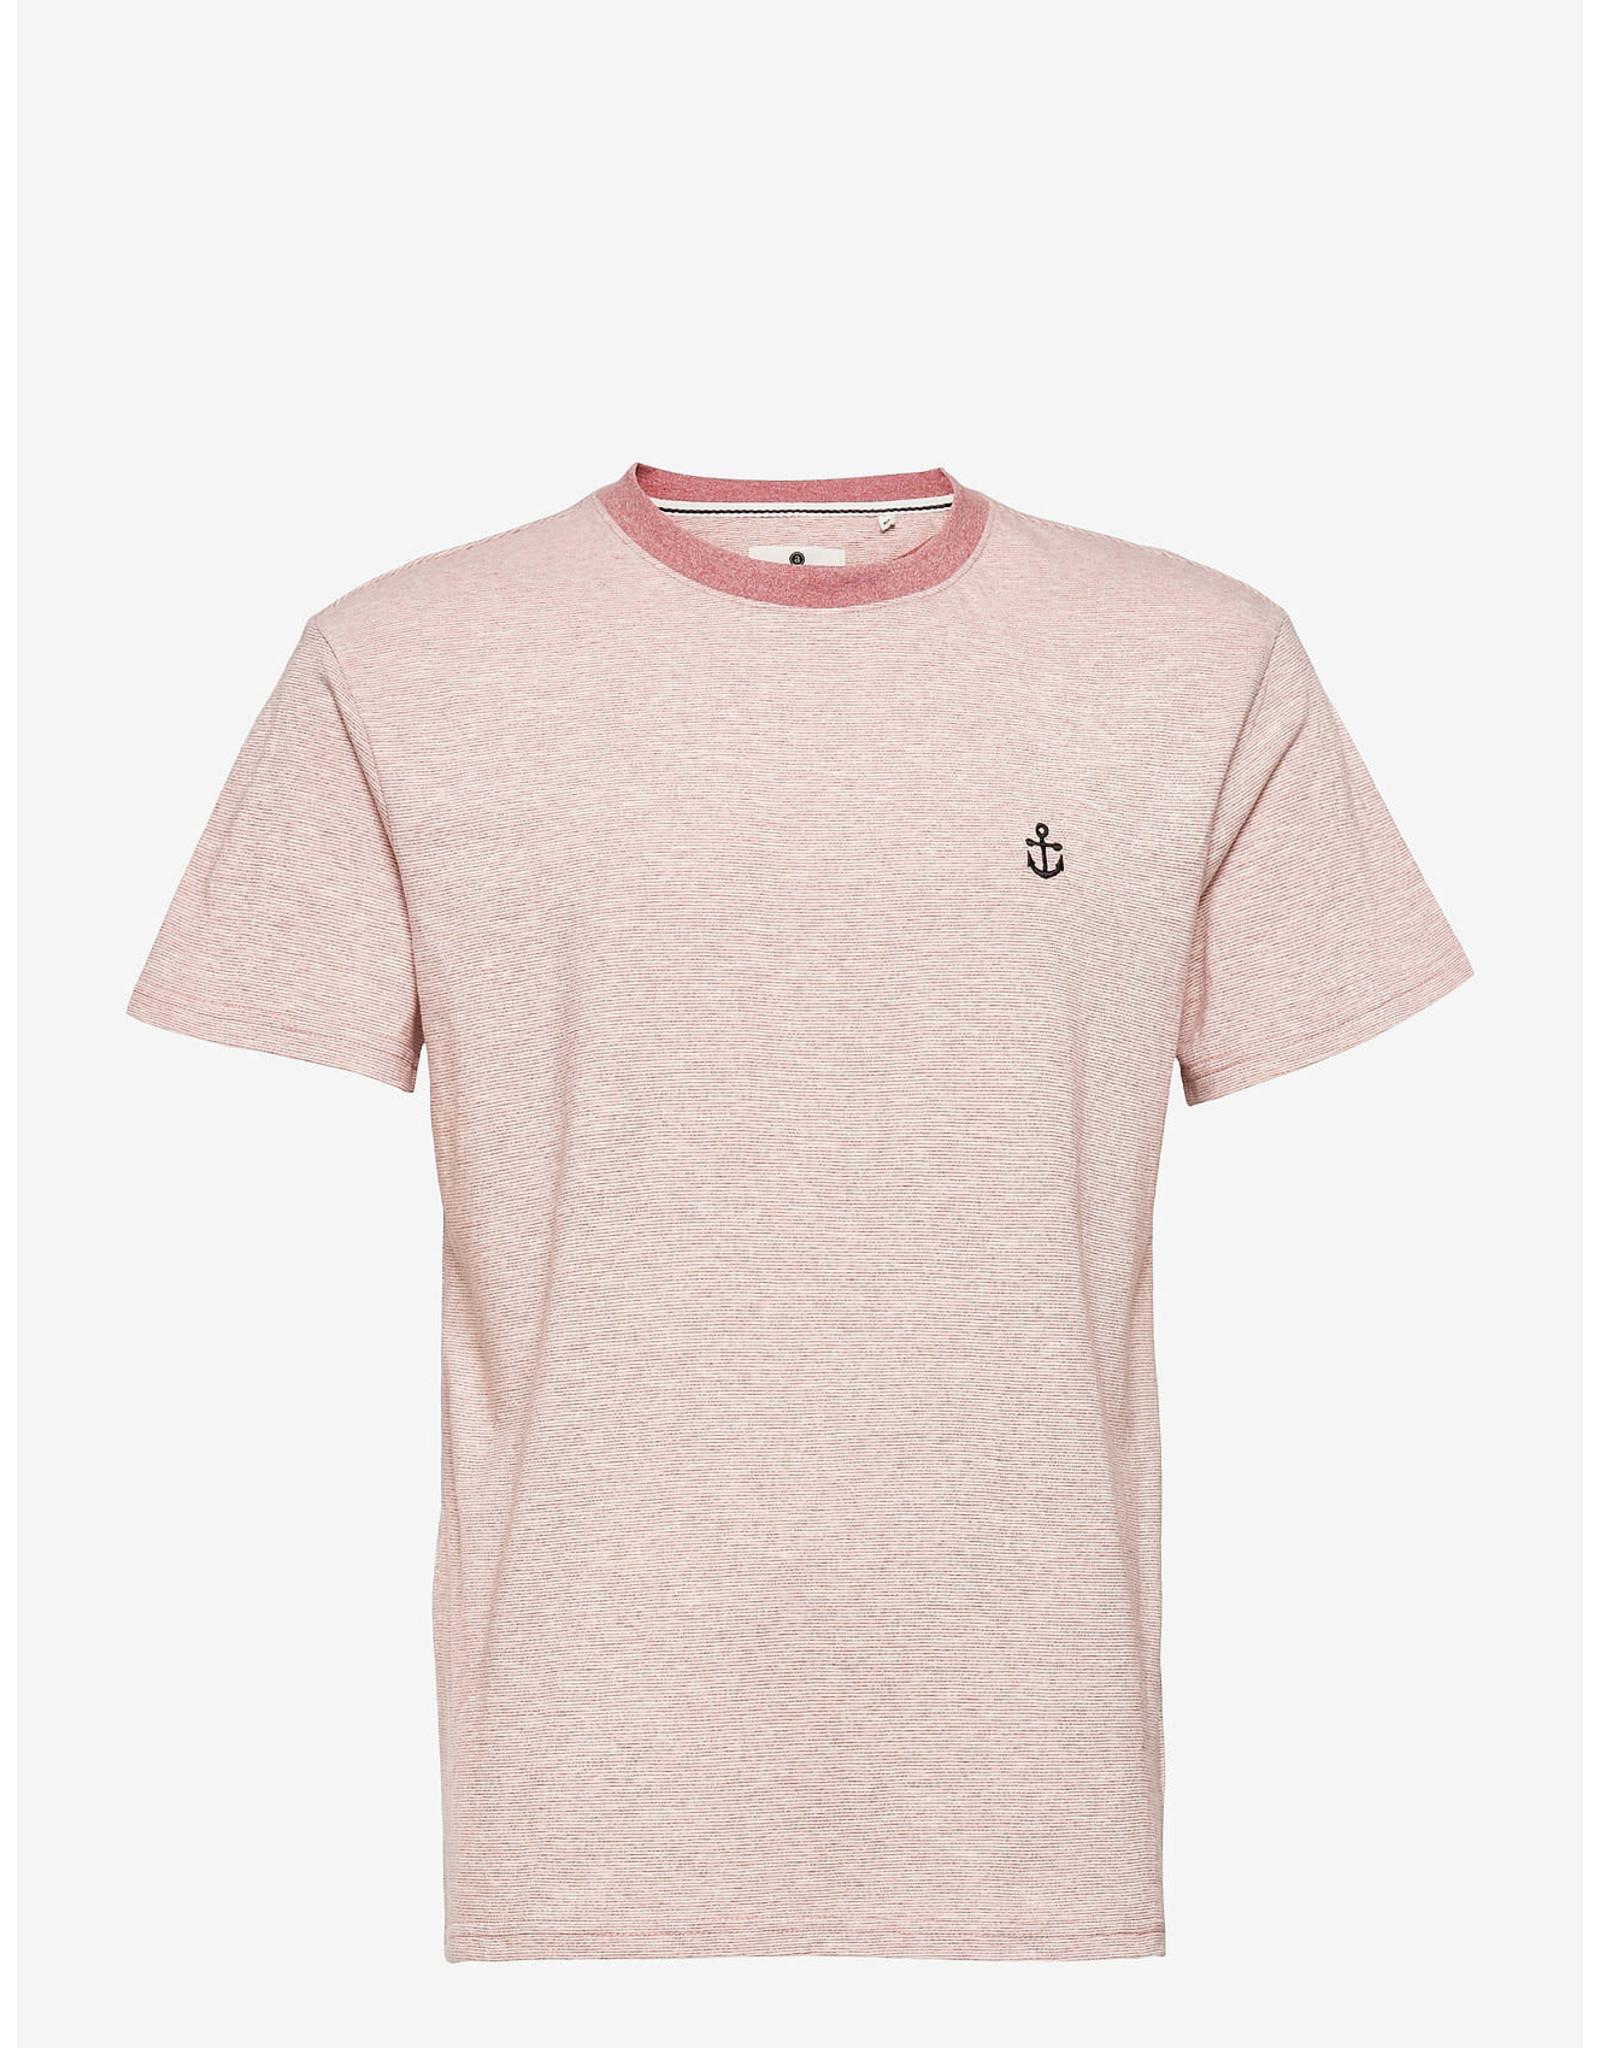 Anerkjendt Akkikki Curv Emb T-Shirt